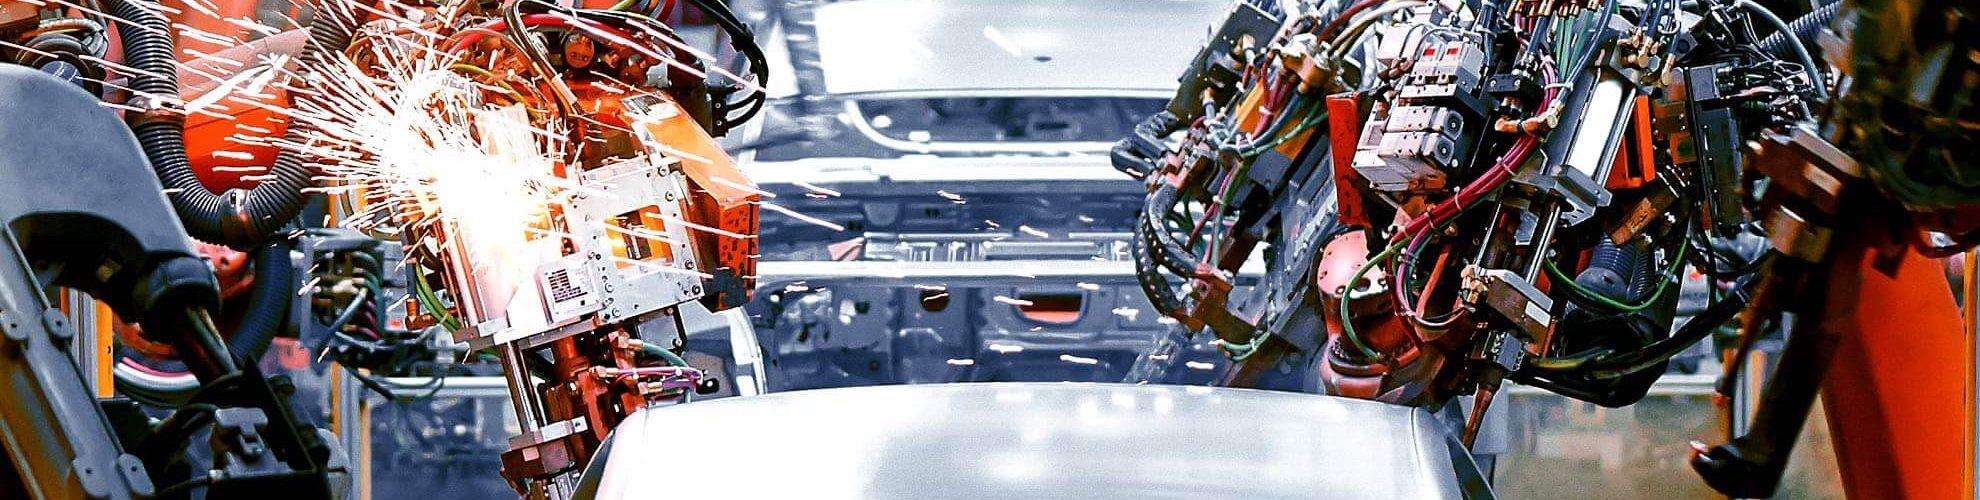 software-dms-automotive